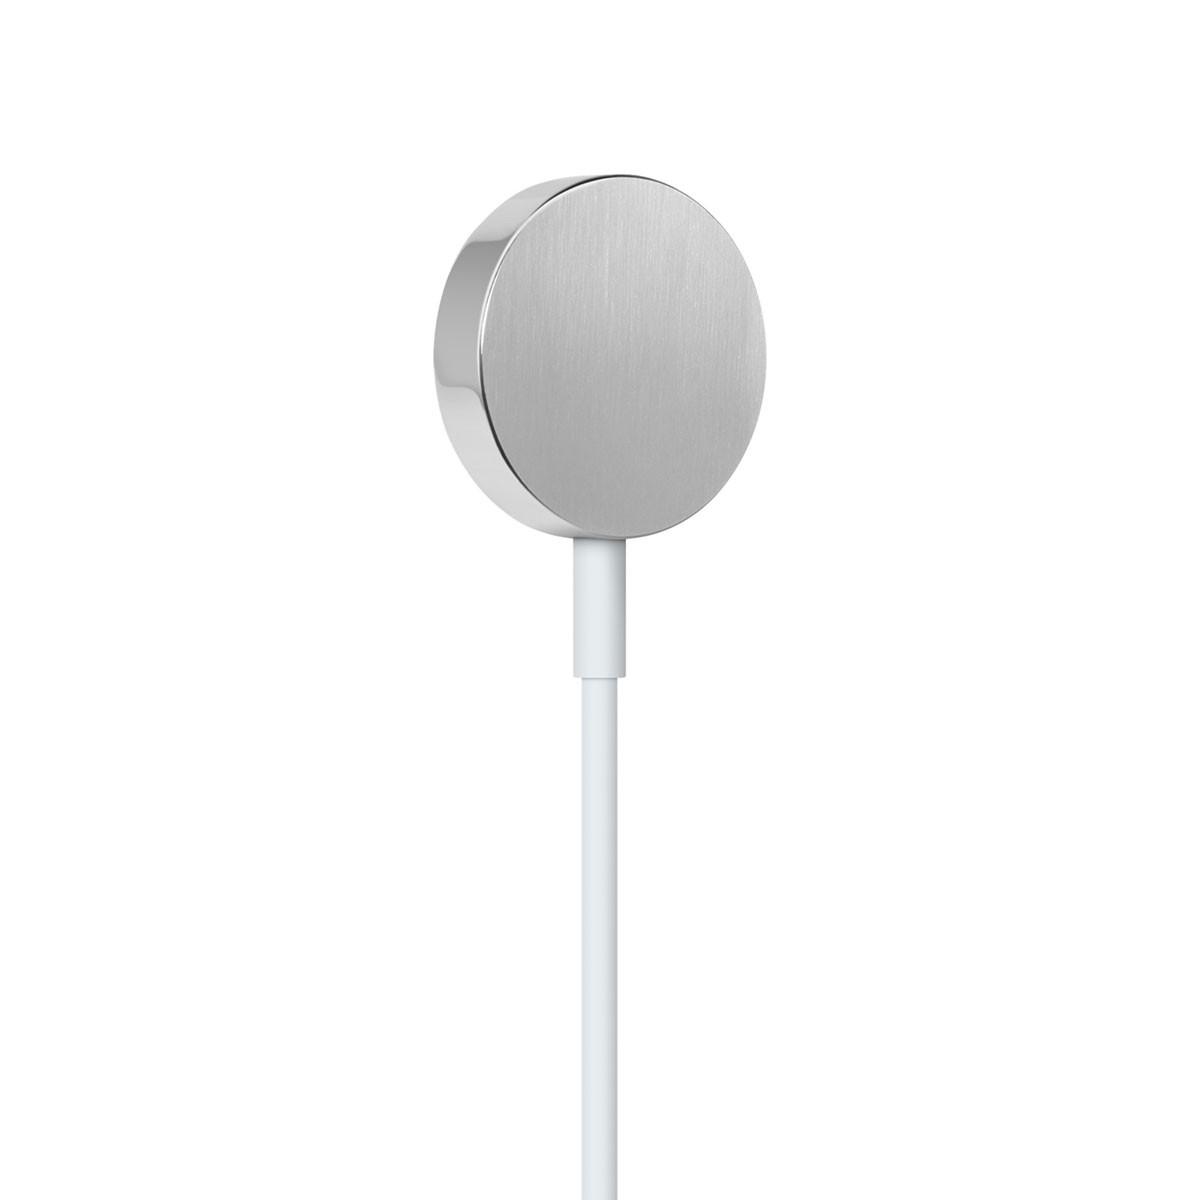 Magnetický nabíjecí kabel pro Apple Watch (2 m)